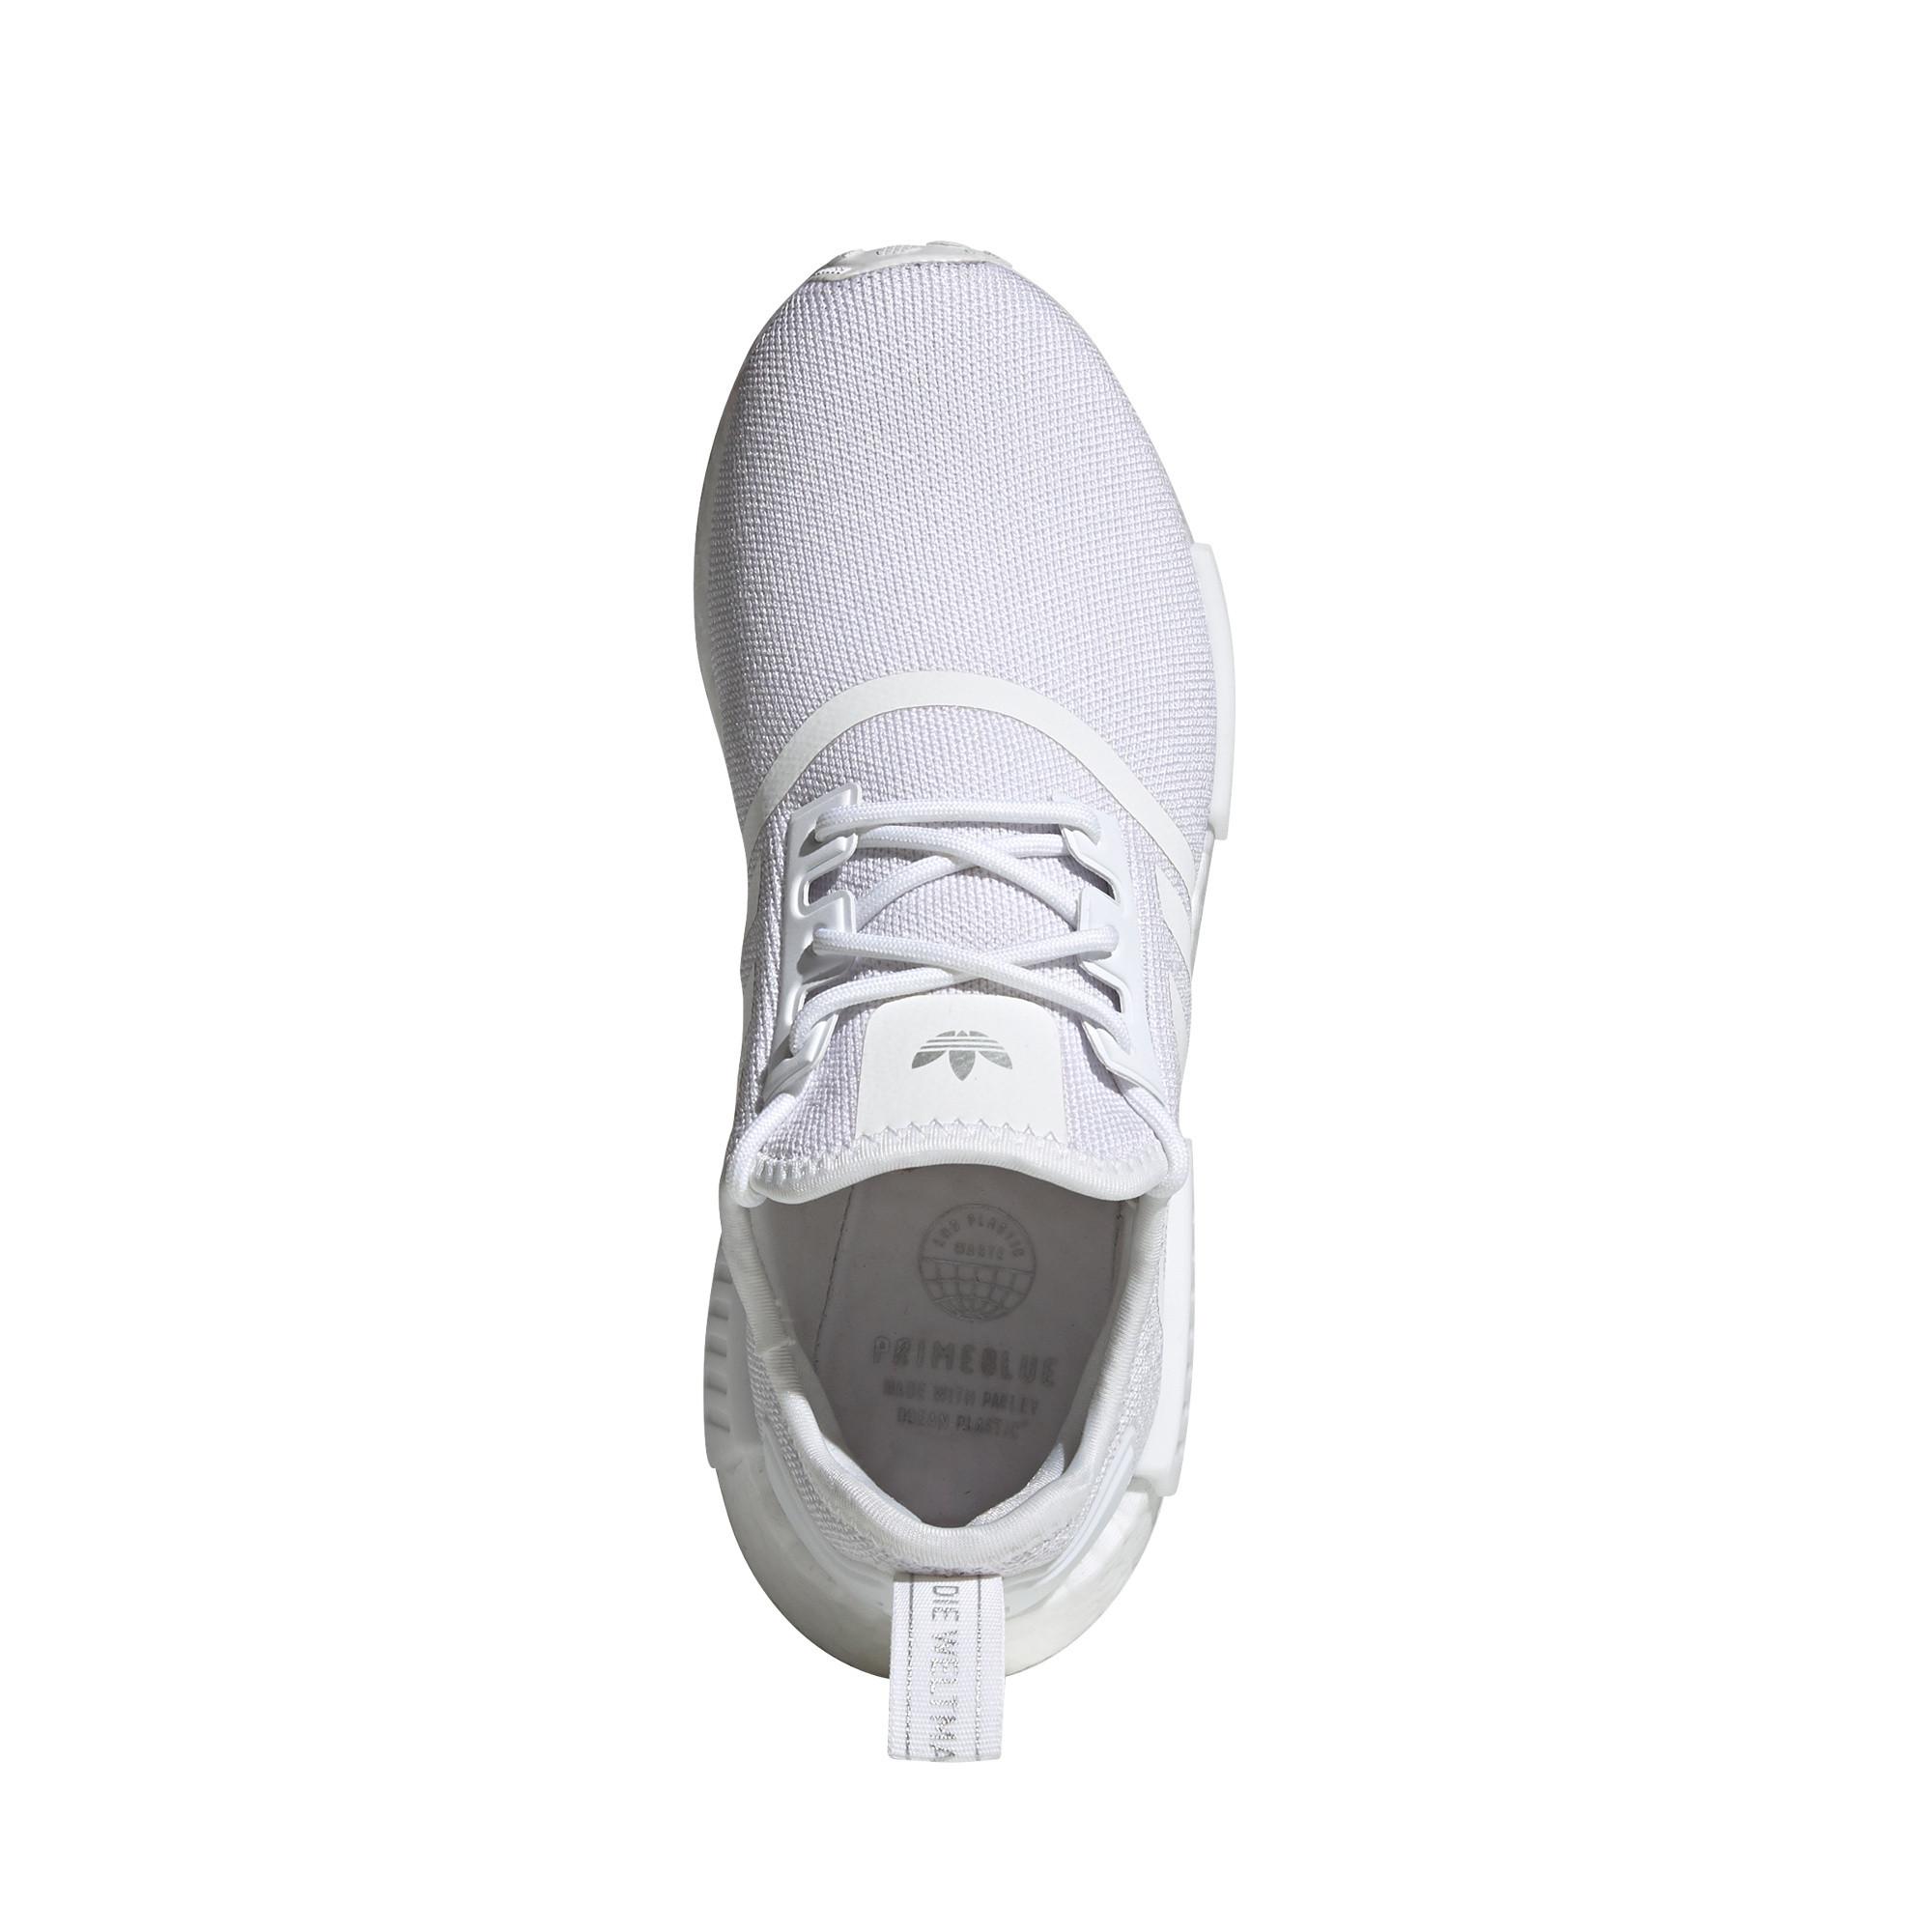 Scarpe donna Adidas Originals NMD_R1 Primeblue, Bianco/Grigio, large image number 6